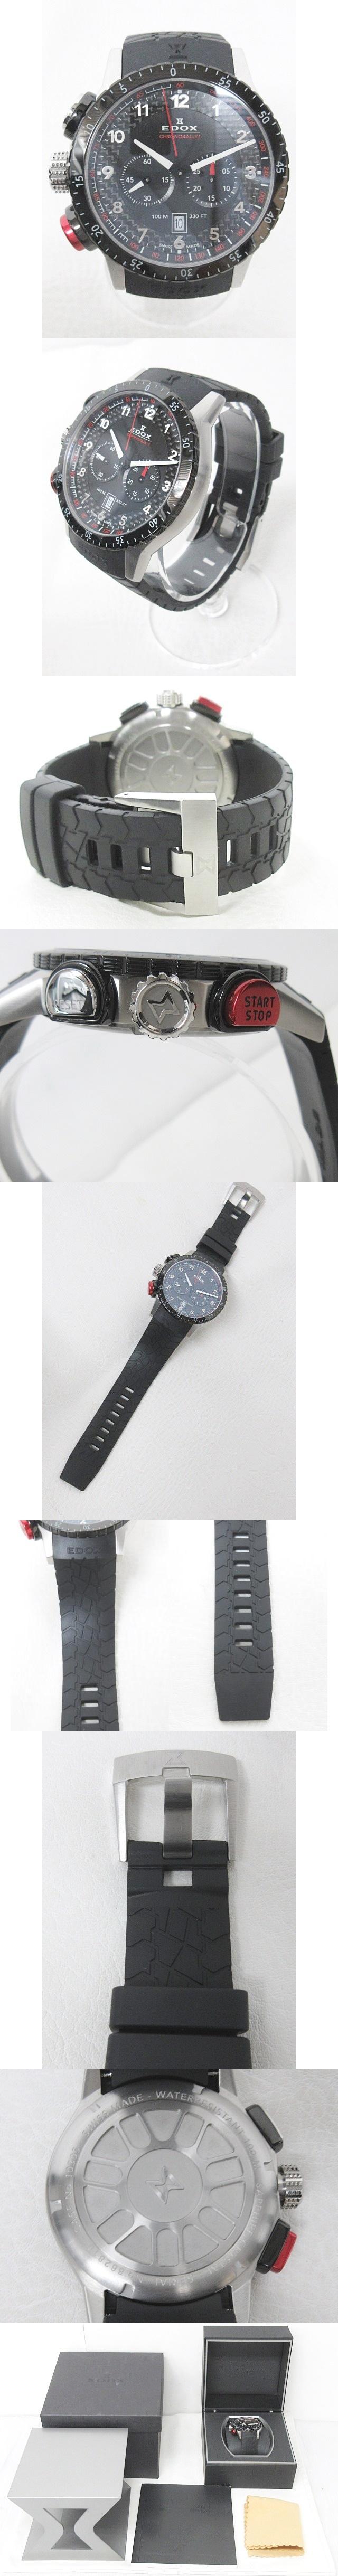 EDOX エドックス CHRONORALLY クロノラリー1 腕時計 ブラック 黒 10305 0715